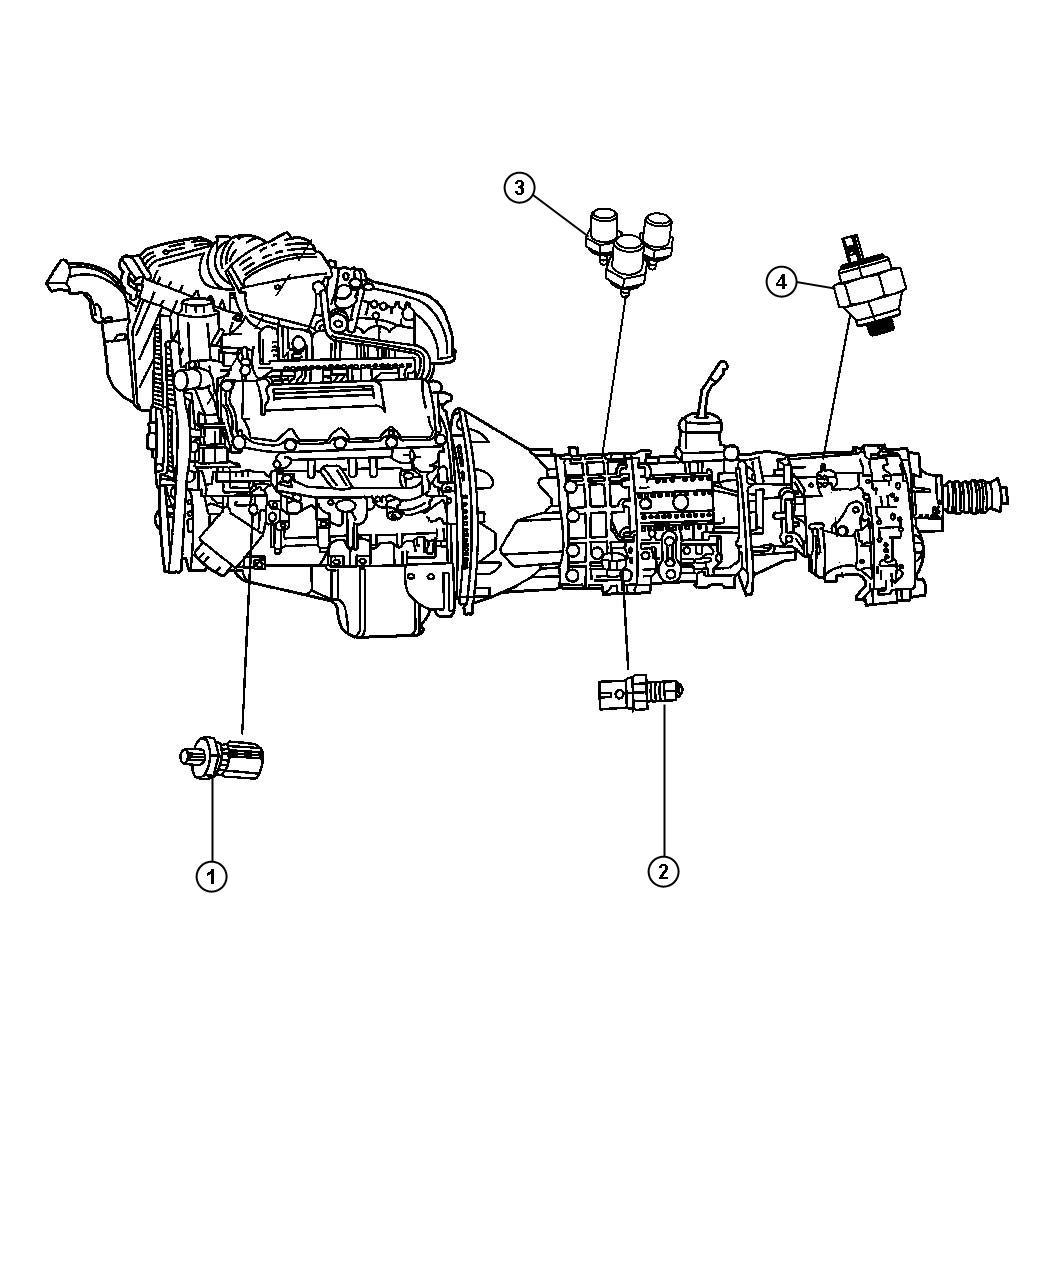 [DIAGRAM] Dodge Ram 5500 Wiring Diagram FULL Version HD